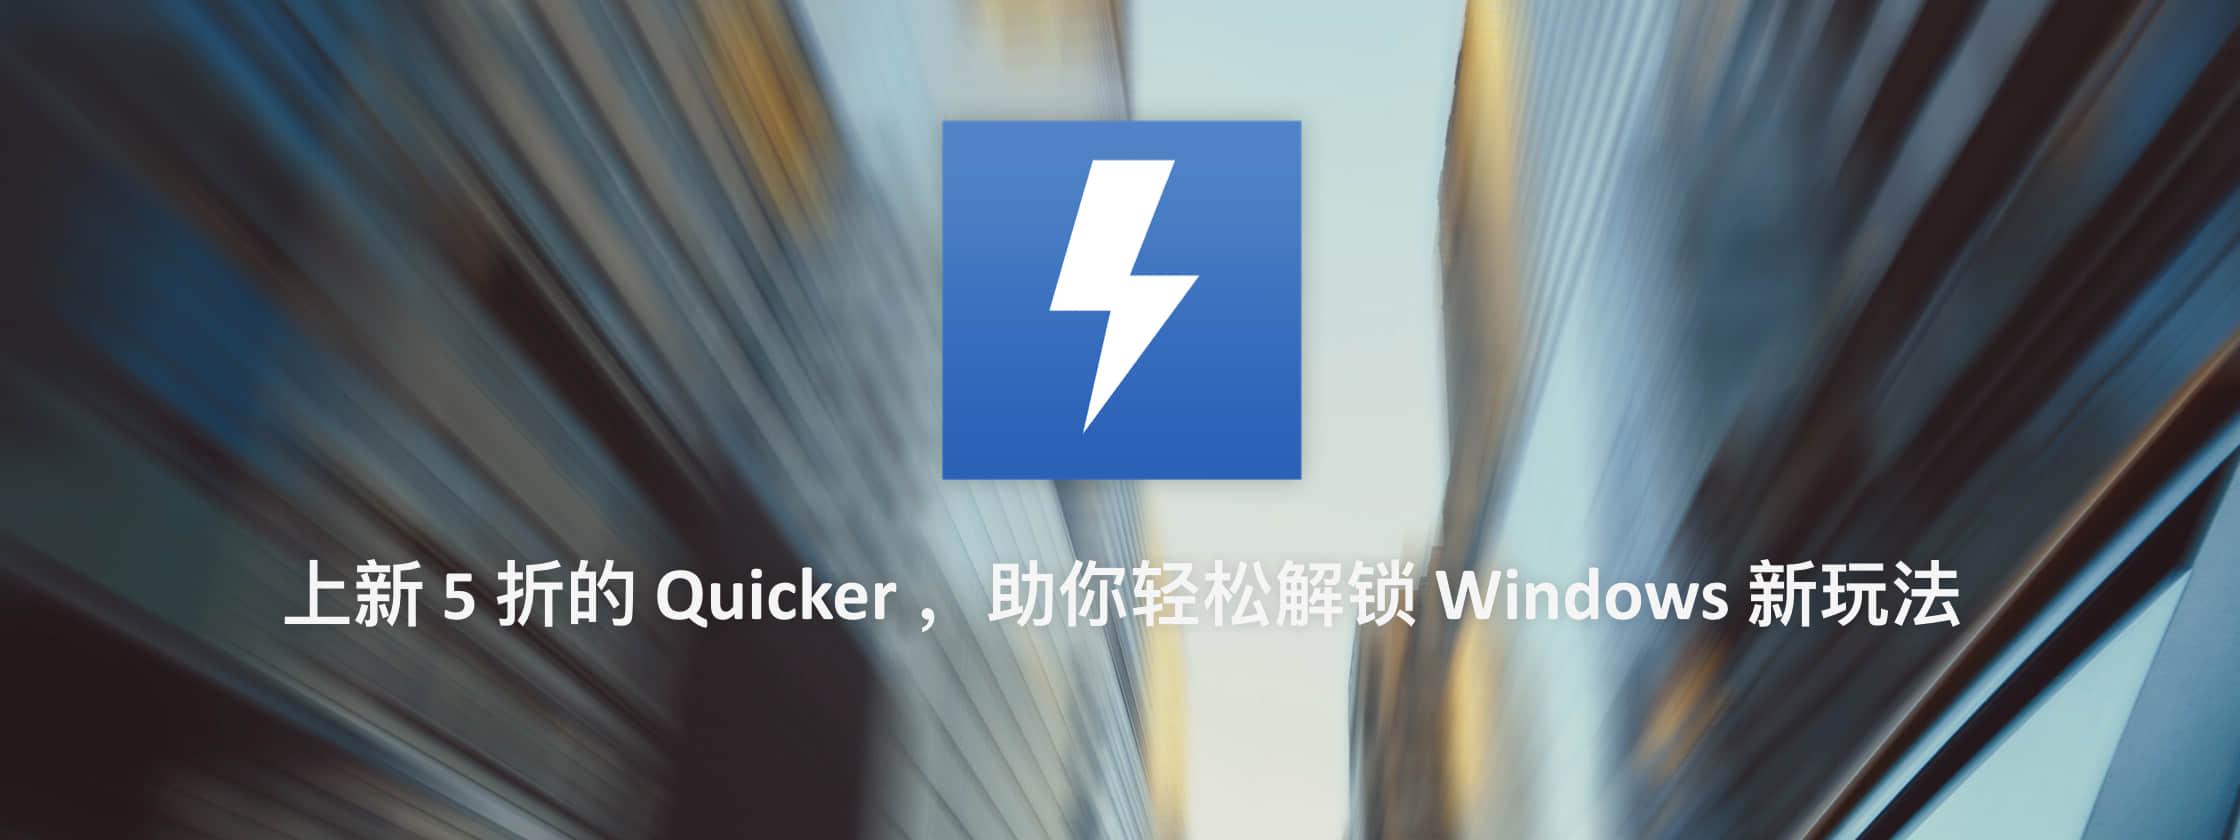 Quicker 解锁新姿势!你的 Windows 还能这么操作?